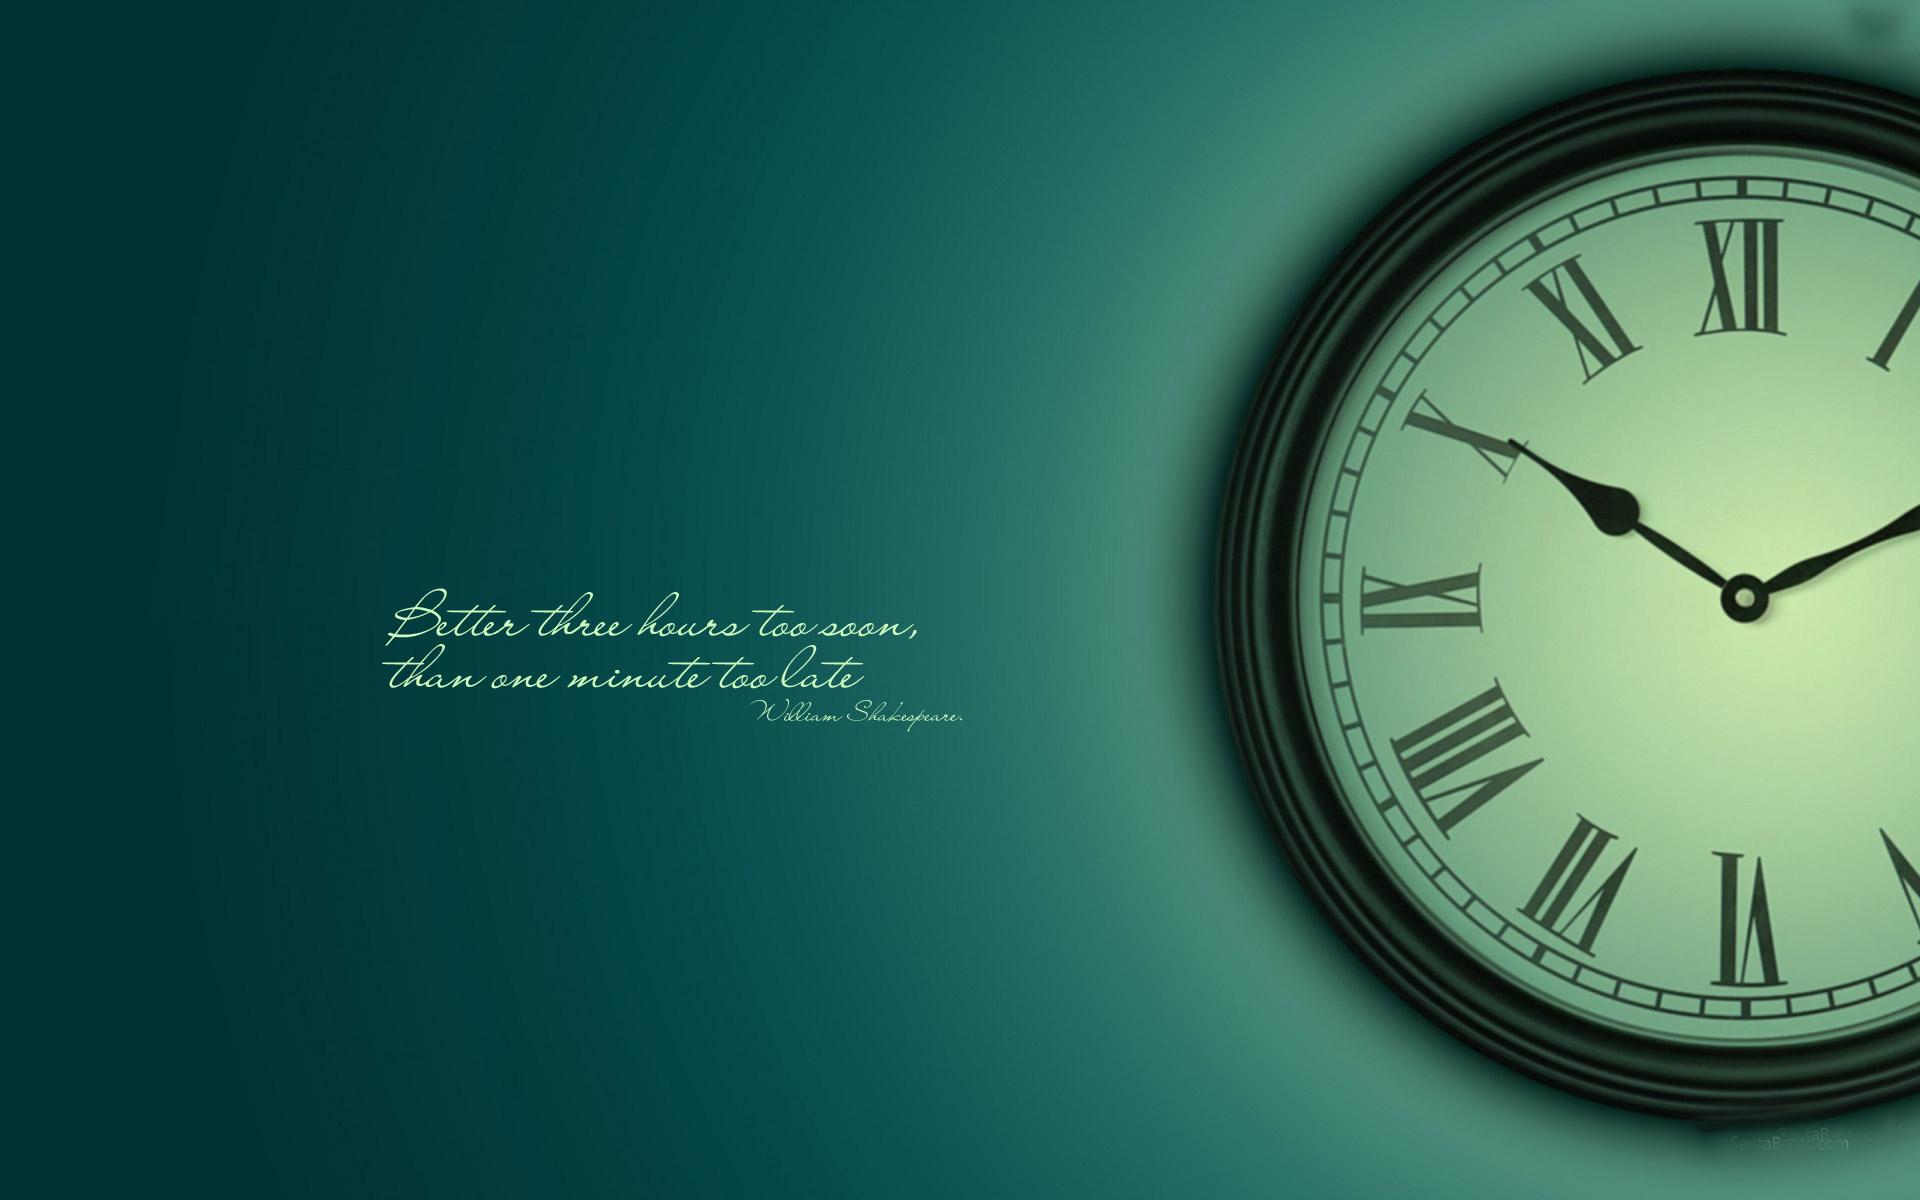 Best Quotes Wallpaper Desktop Backgrounds 17252 Wallpaper 1920x1200